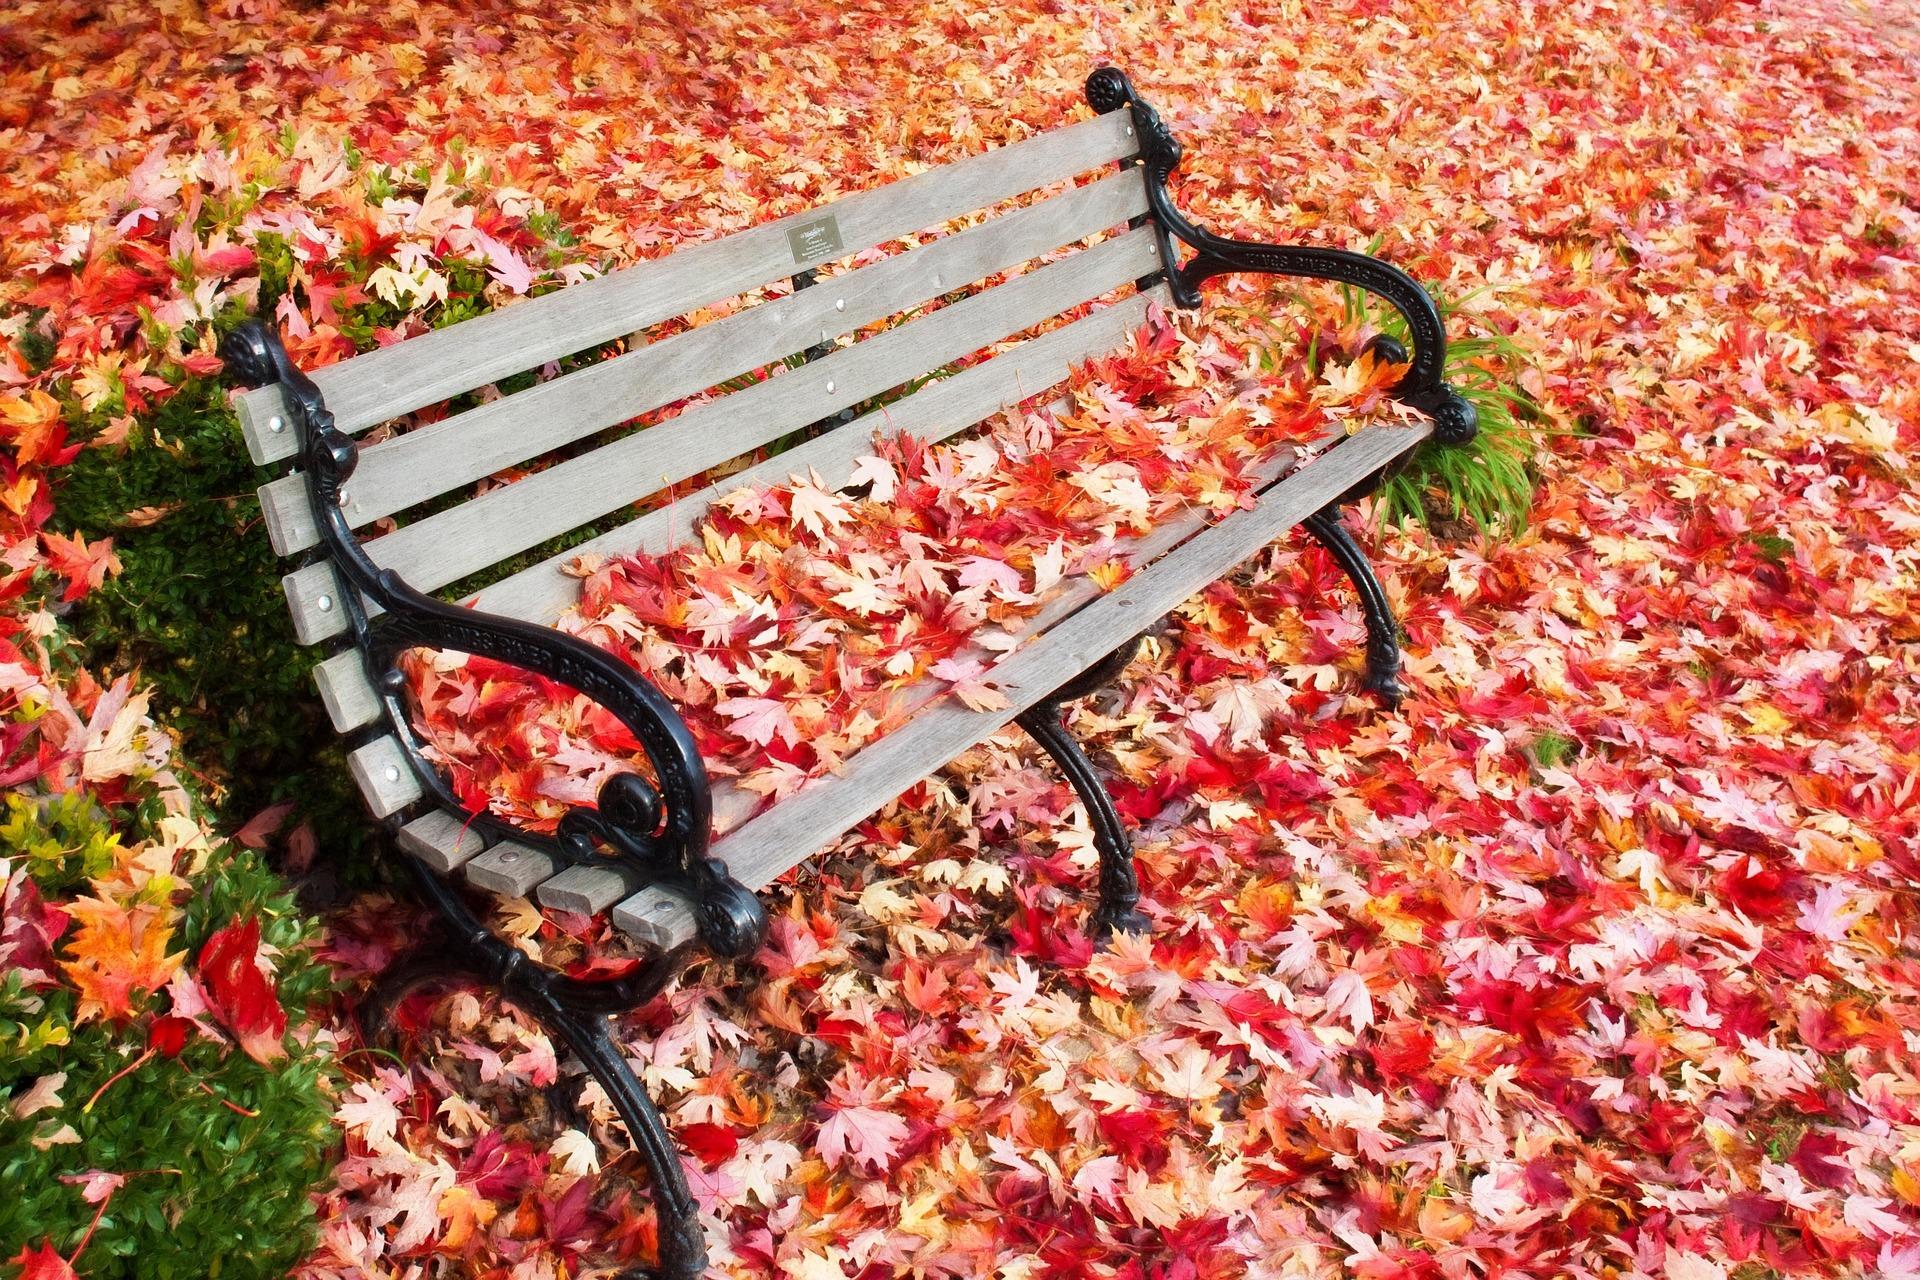 In autumn photo